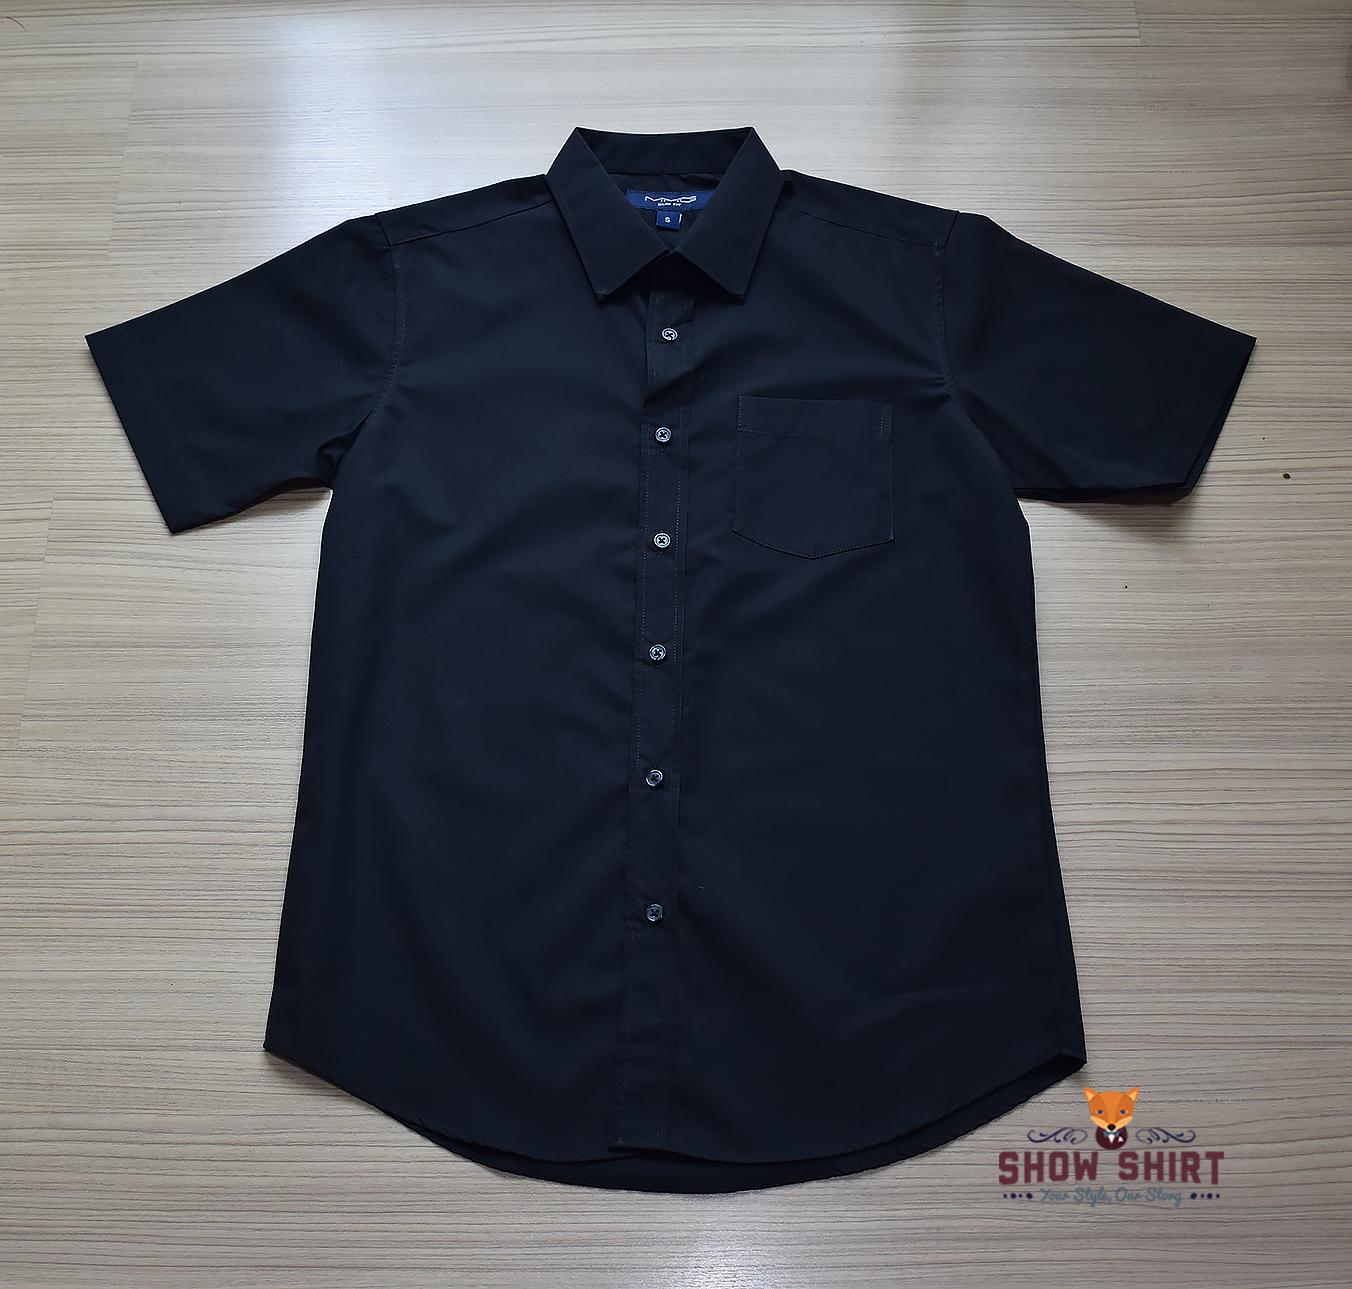 เสื้อเชิ้ตแขนสั้น สีดำ